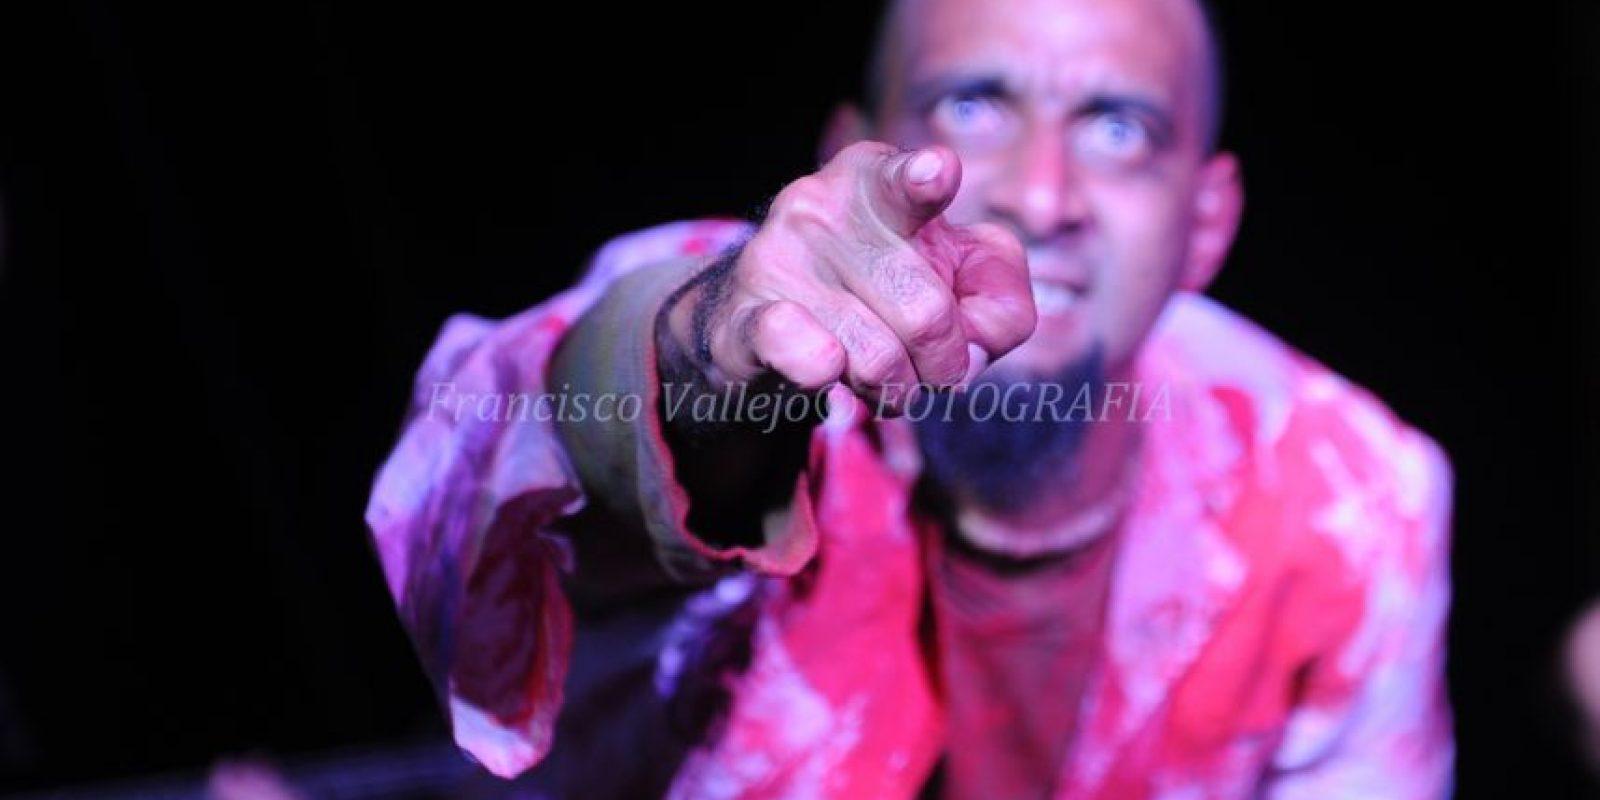 3. En escena. A través del Circuito Cultural Cara-Maná, ha presentado numerosos performances, en rescate del arte y la cultura mocana y del país. Foto: Fuente externa